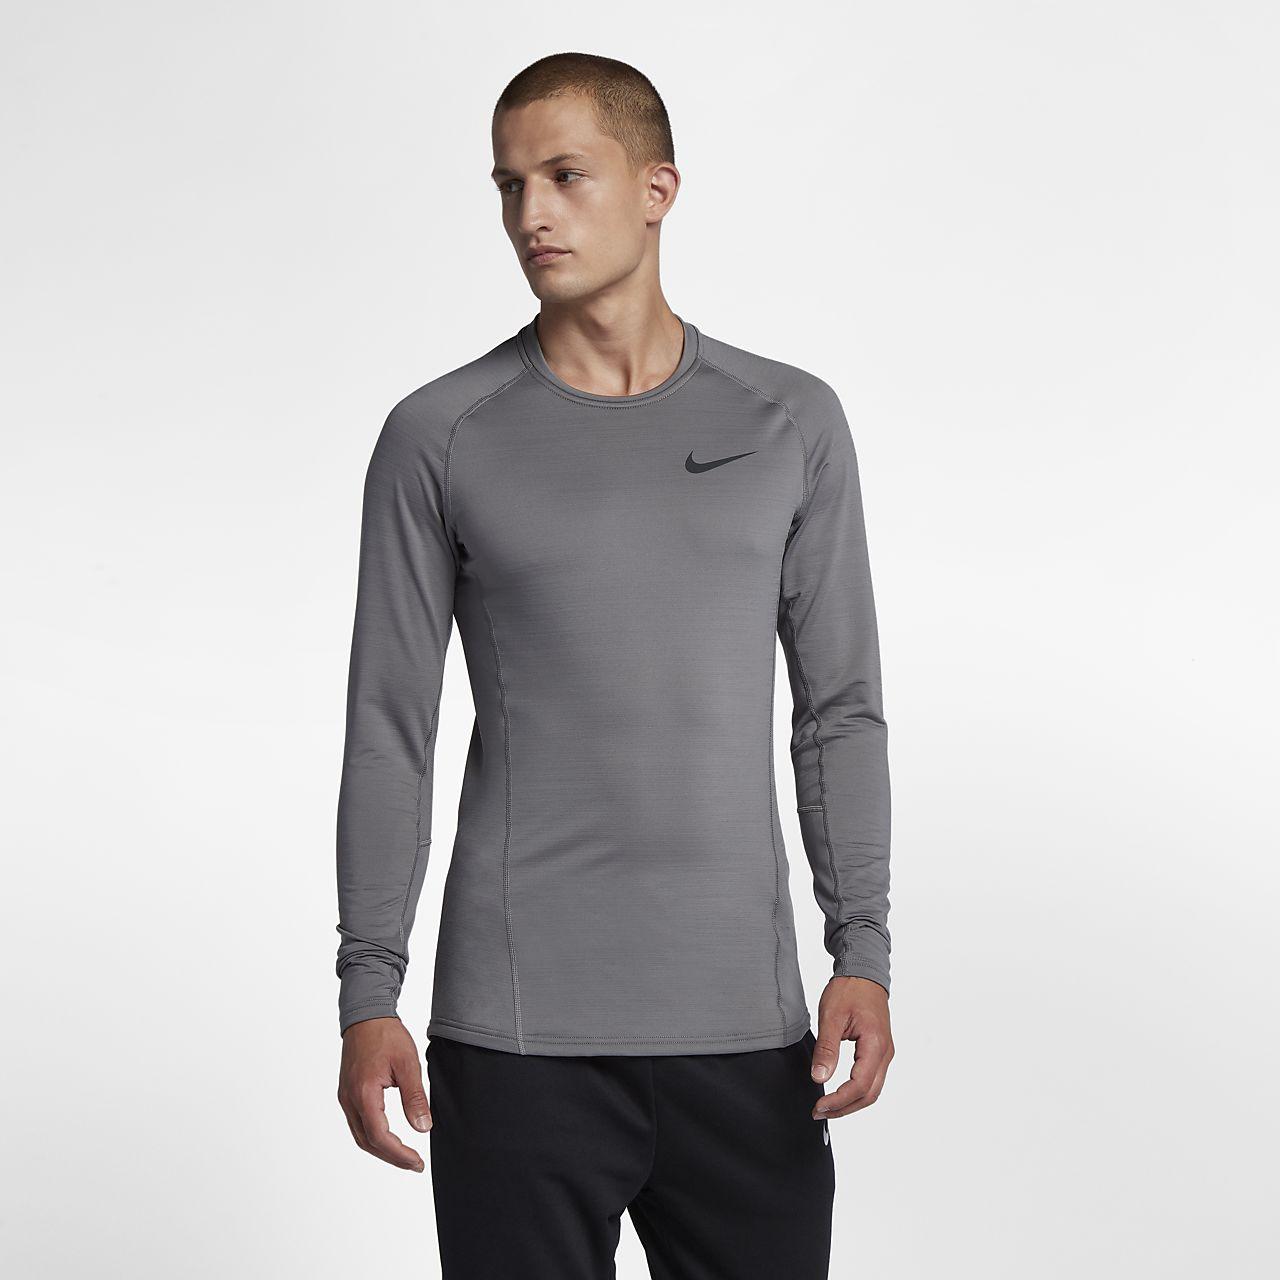 Ανδρική μακρυμάνικη μπλούζα Nike Pro Warm